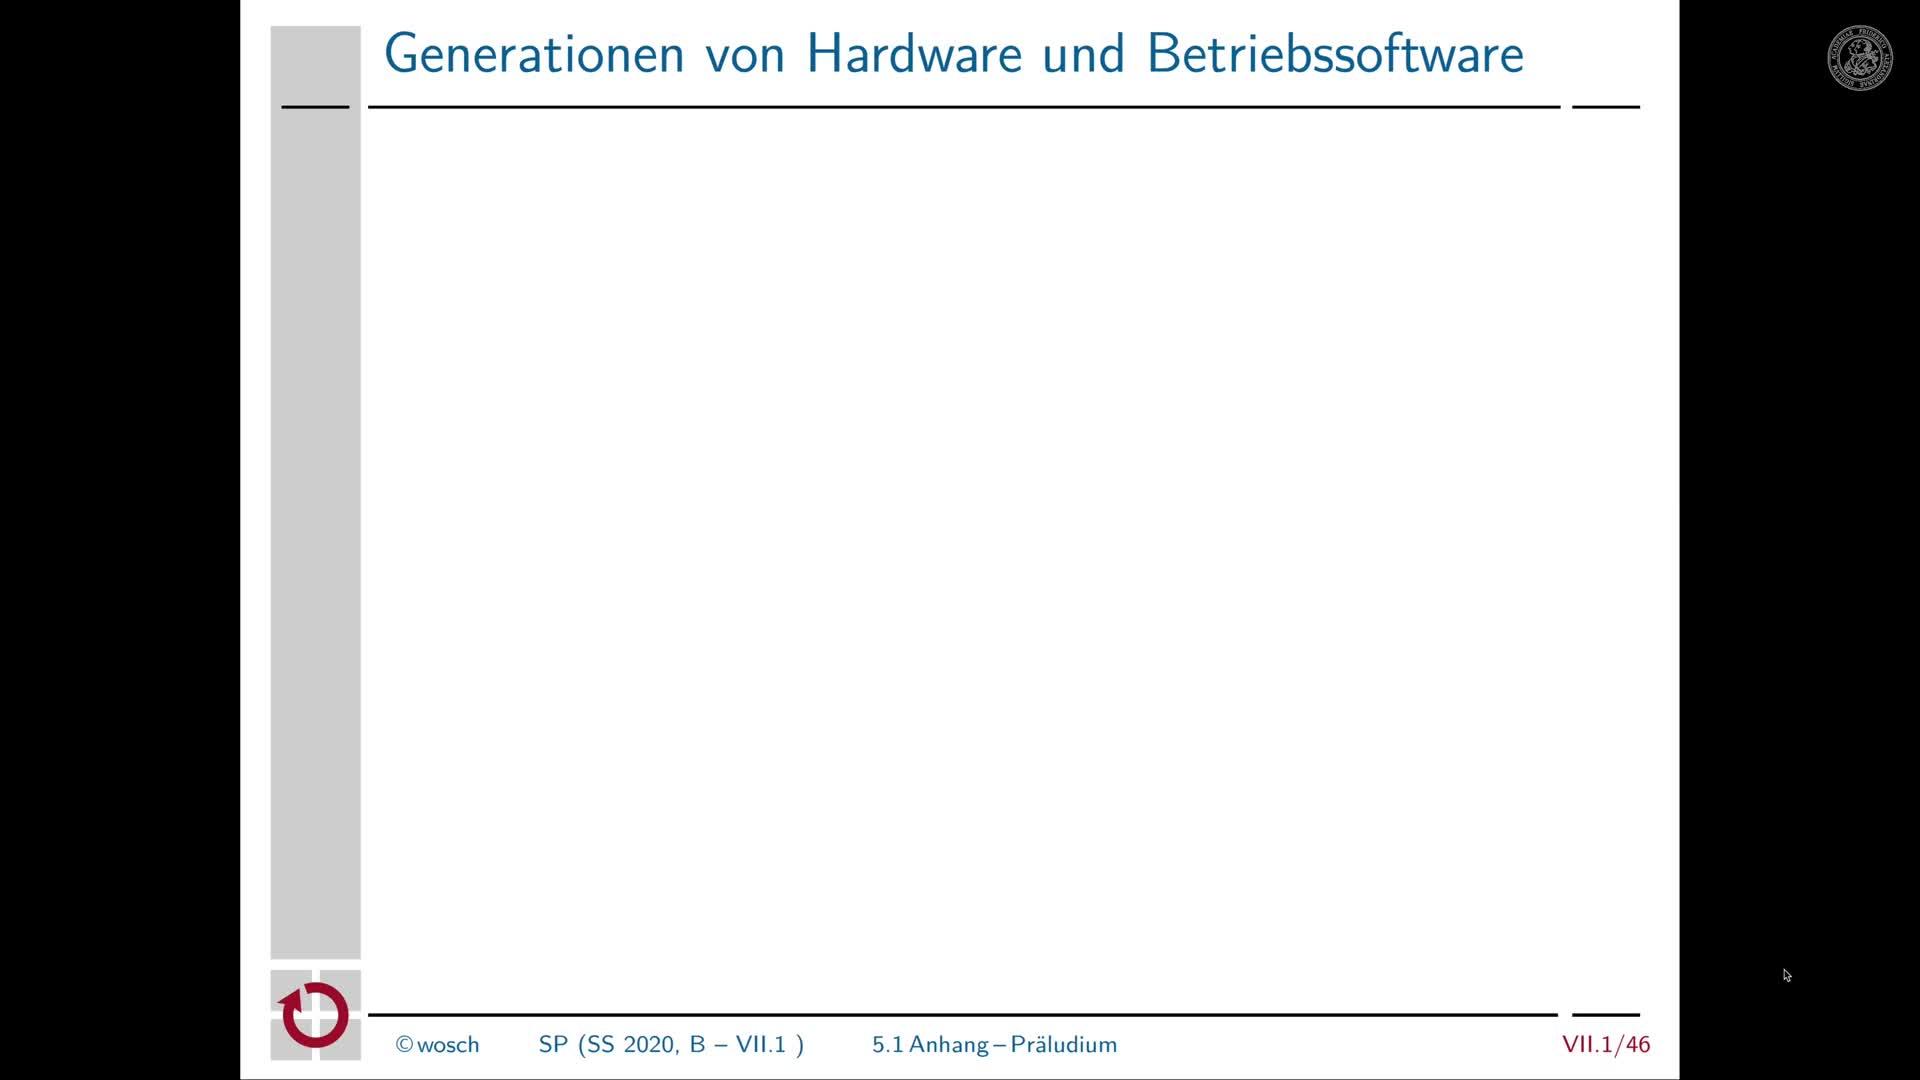 7.1.12 Stapelverarbeitung: Anhang zur Einführung preview image